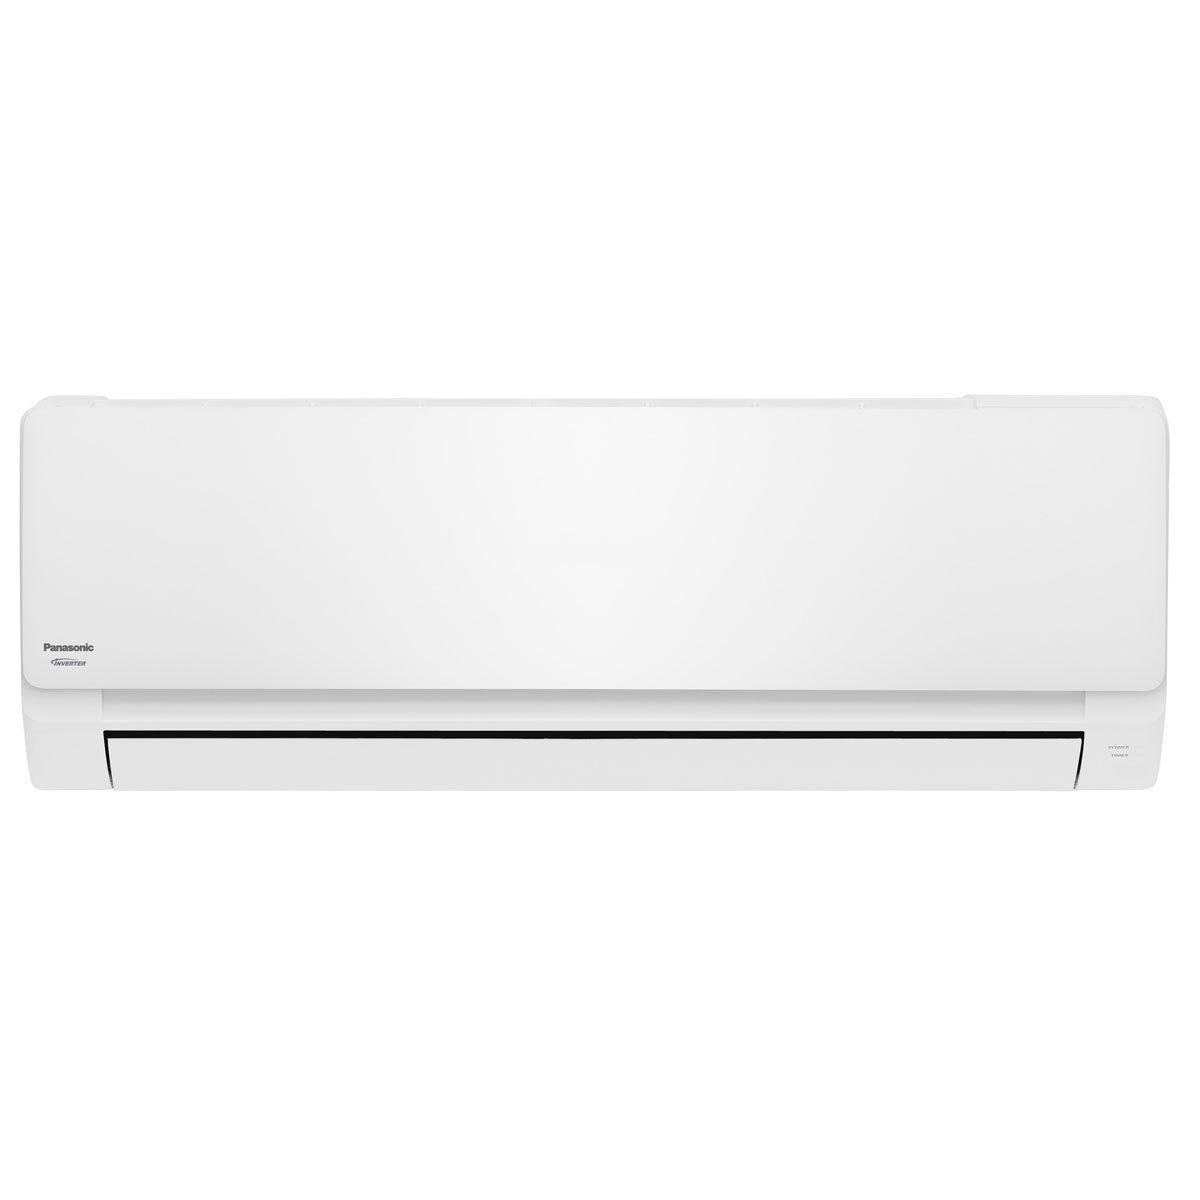 Aire acondicionado inverter frio calor 12000 btu 220v for Aire acondicionado panasonic precios